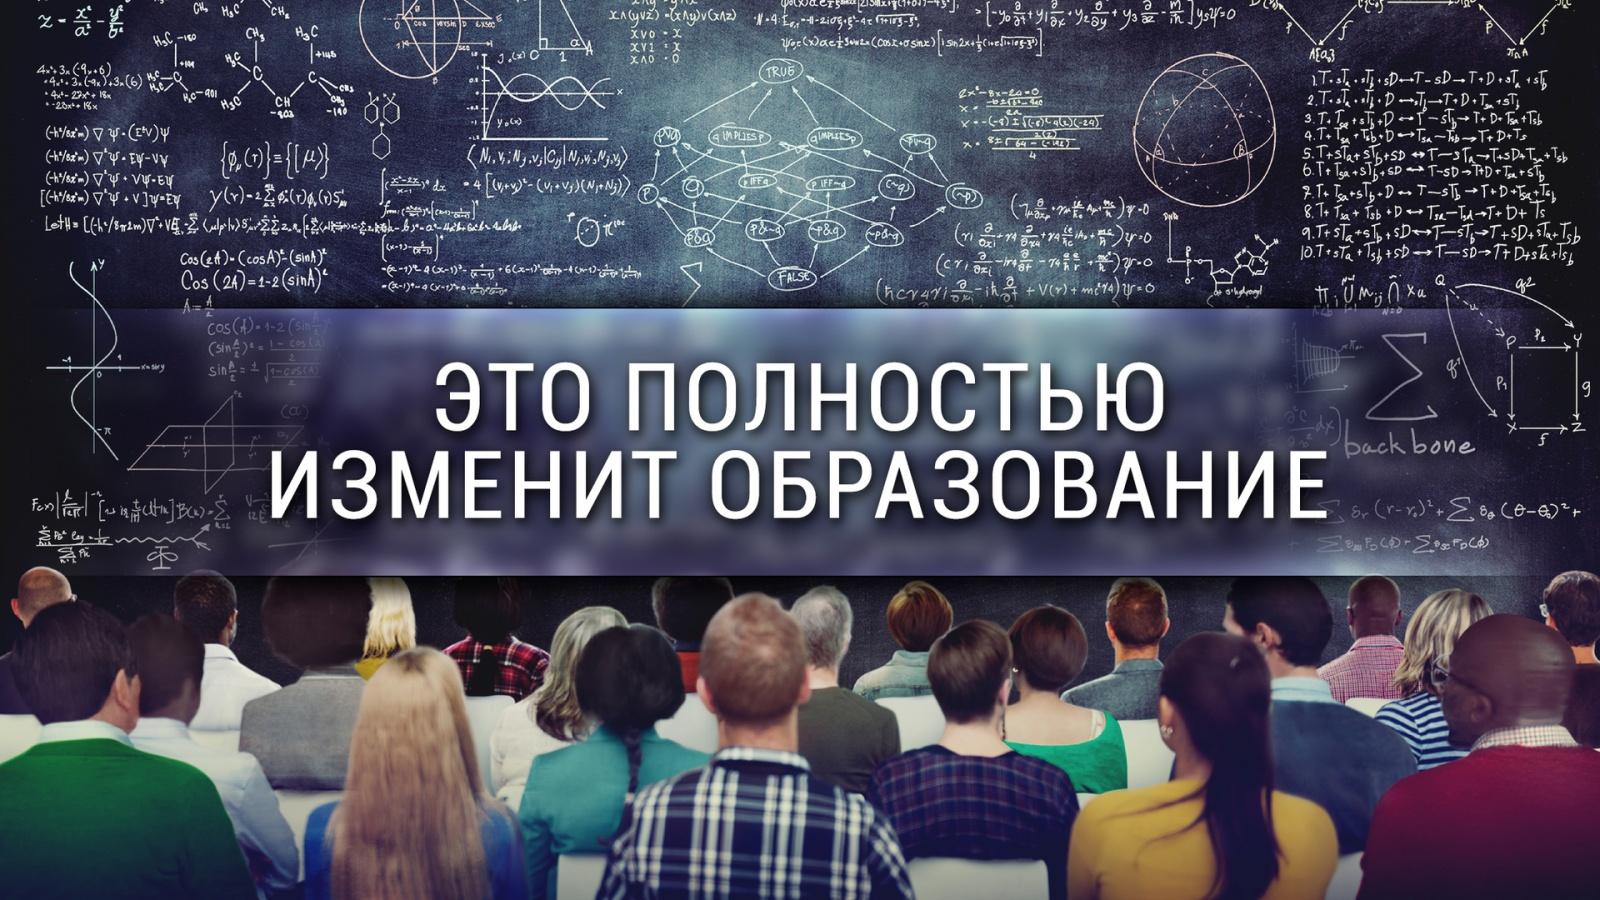 Это полностью изменит образование [Veritasium] - 1